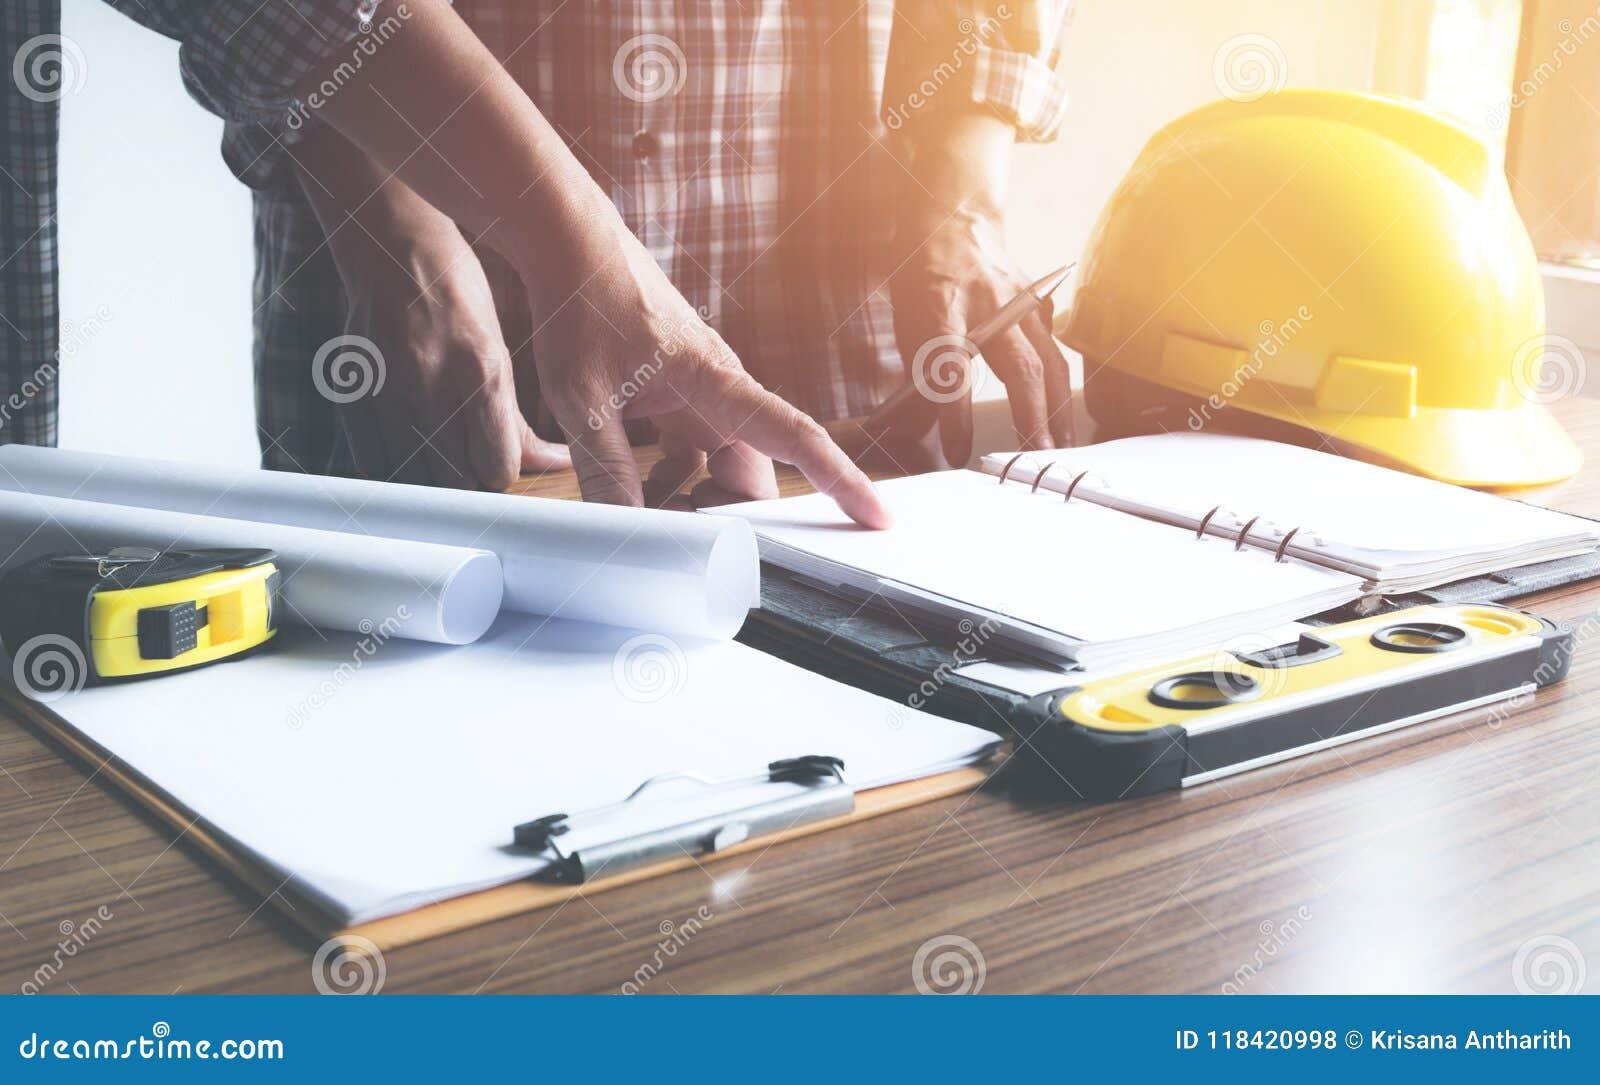 Architekteningenieurarbeitskonzept- und -bauwerkzeuge oder SAF